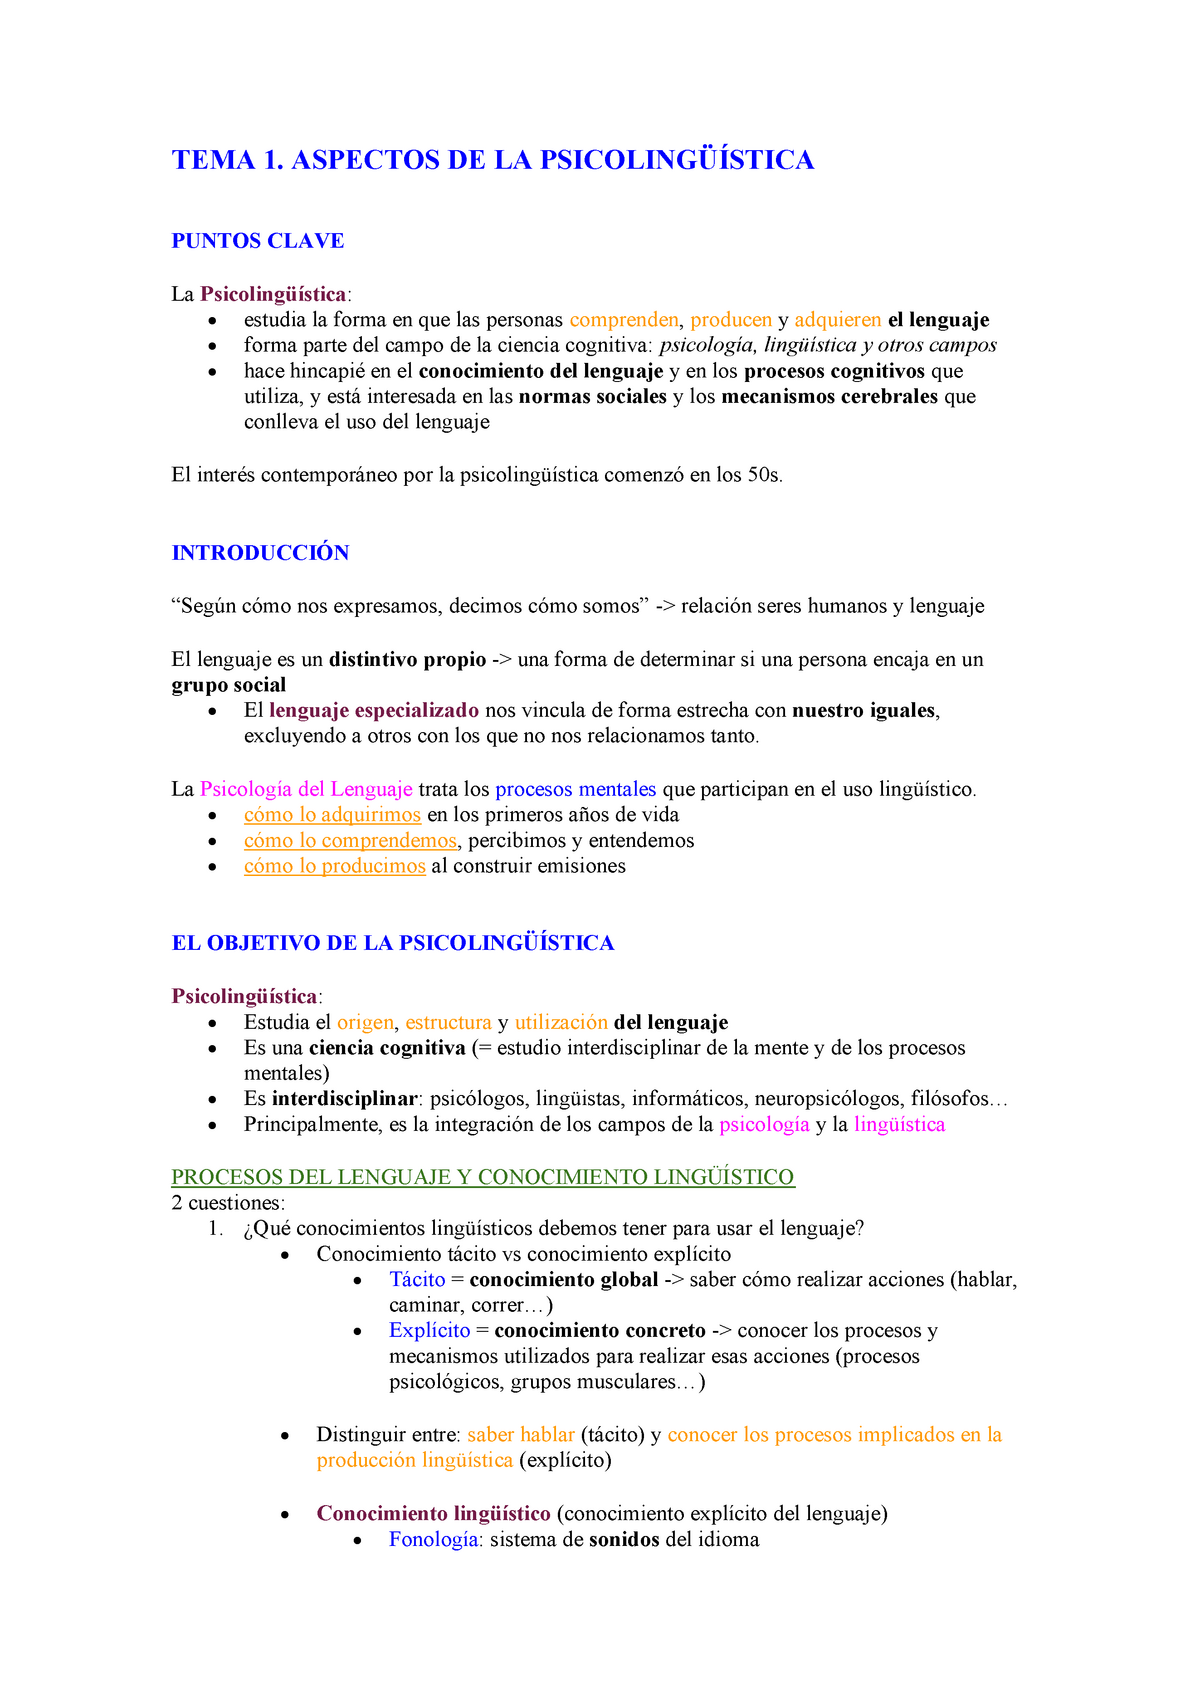 Apuntes tema 1  Aspectos de la psicolingüística - 25921